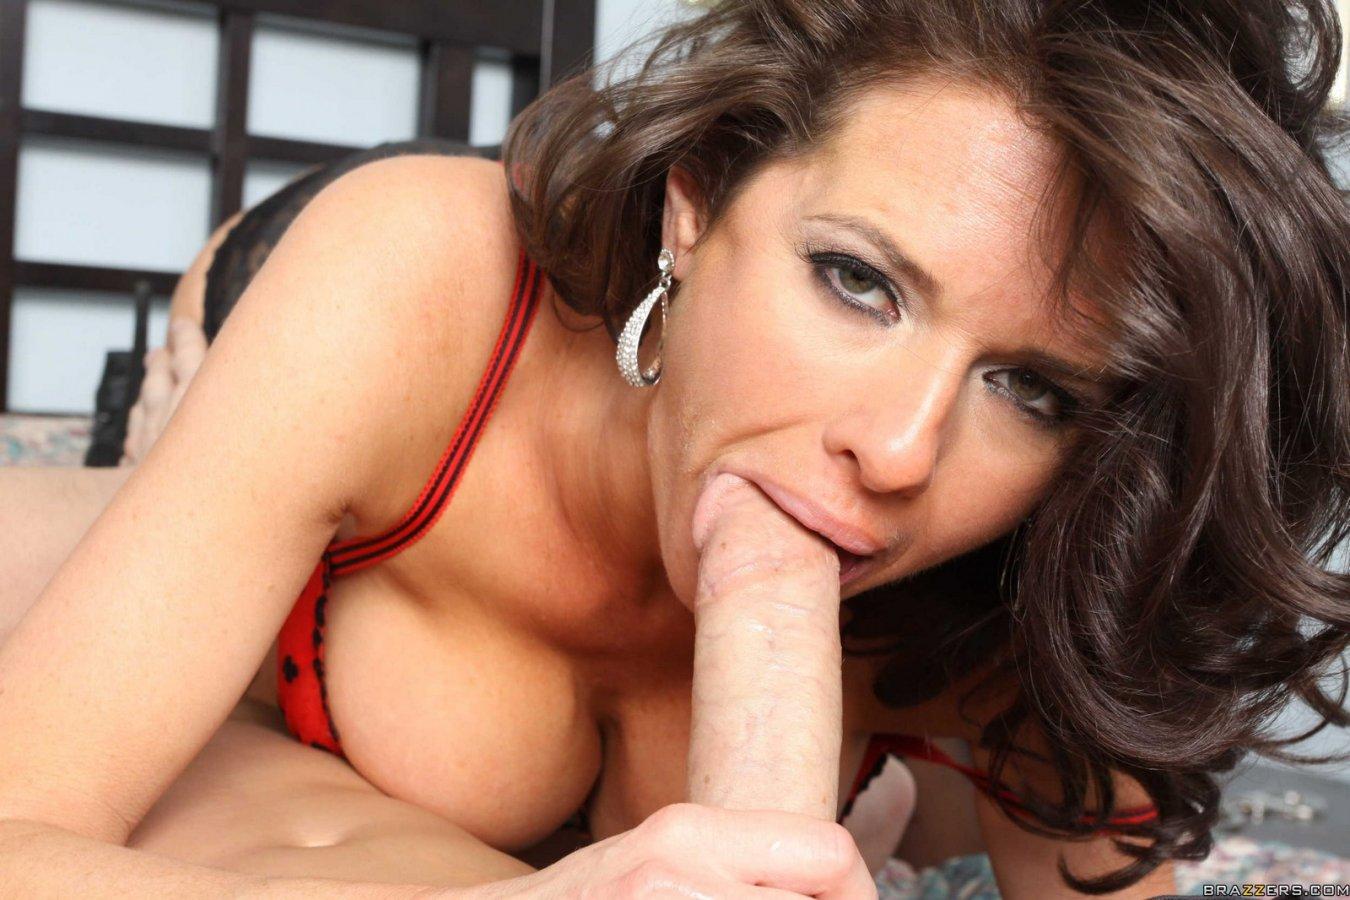 Sharon mitchell amp barbara dare 7